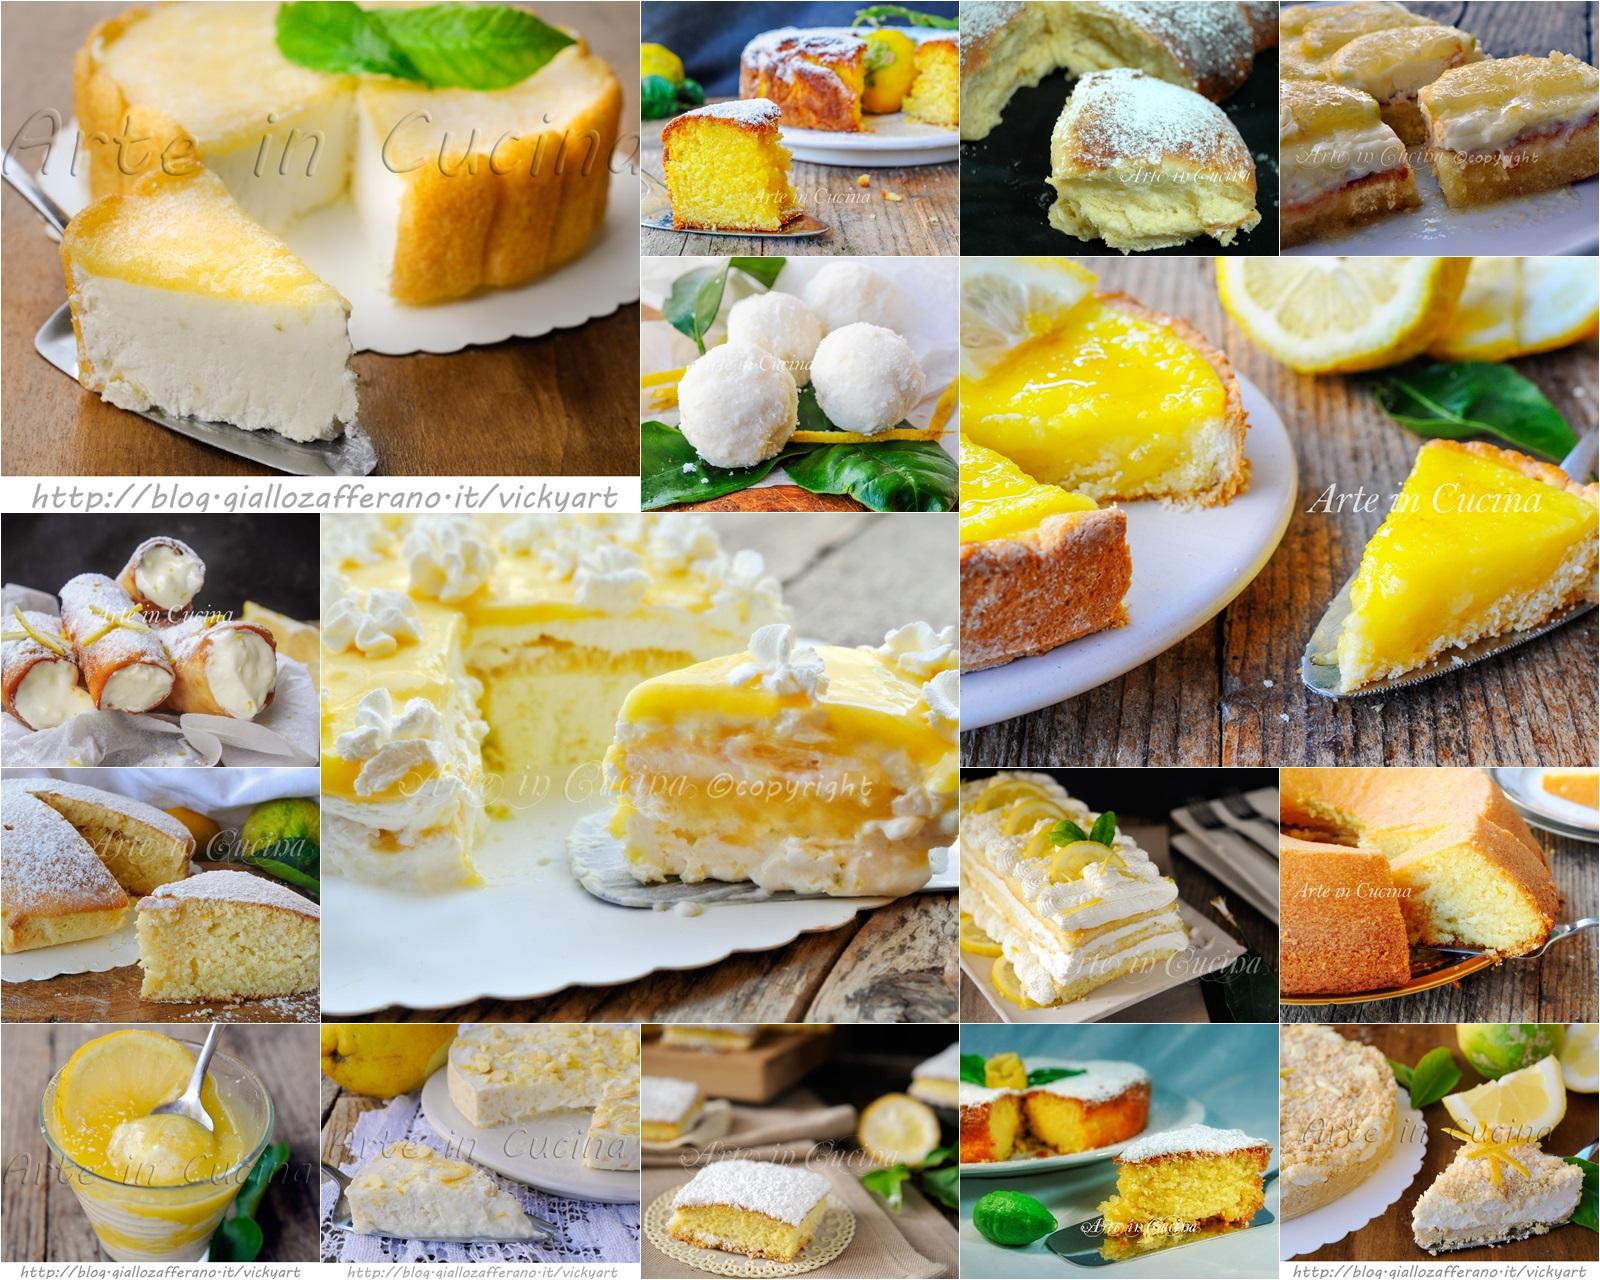 Dolci al limone ricette facili e golose vickyart arte in cucina